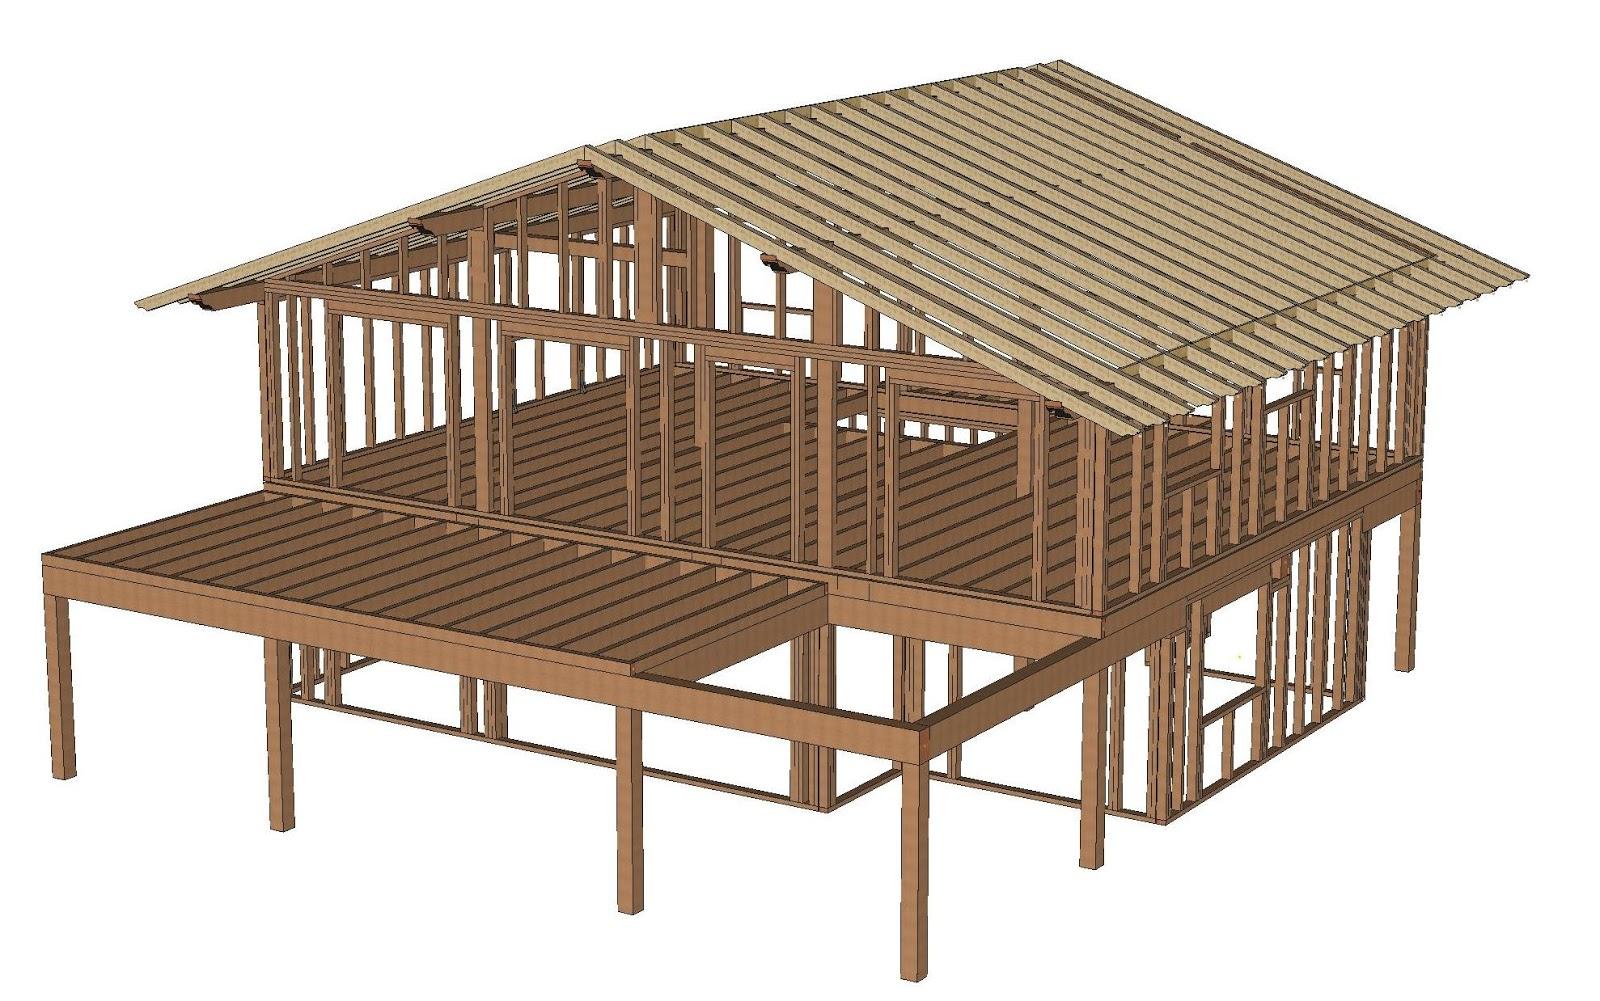 Hogar de madera - Casas entramado ligero ...